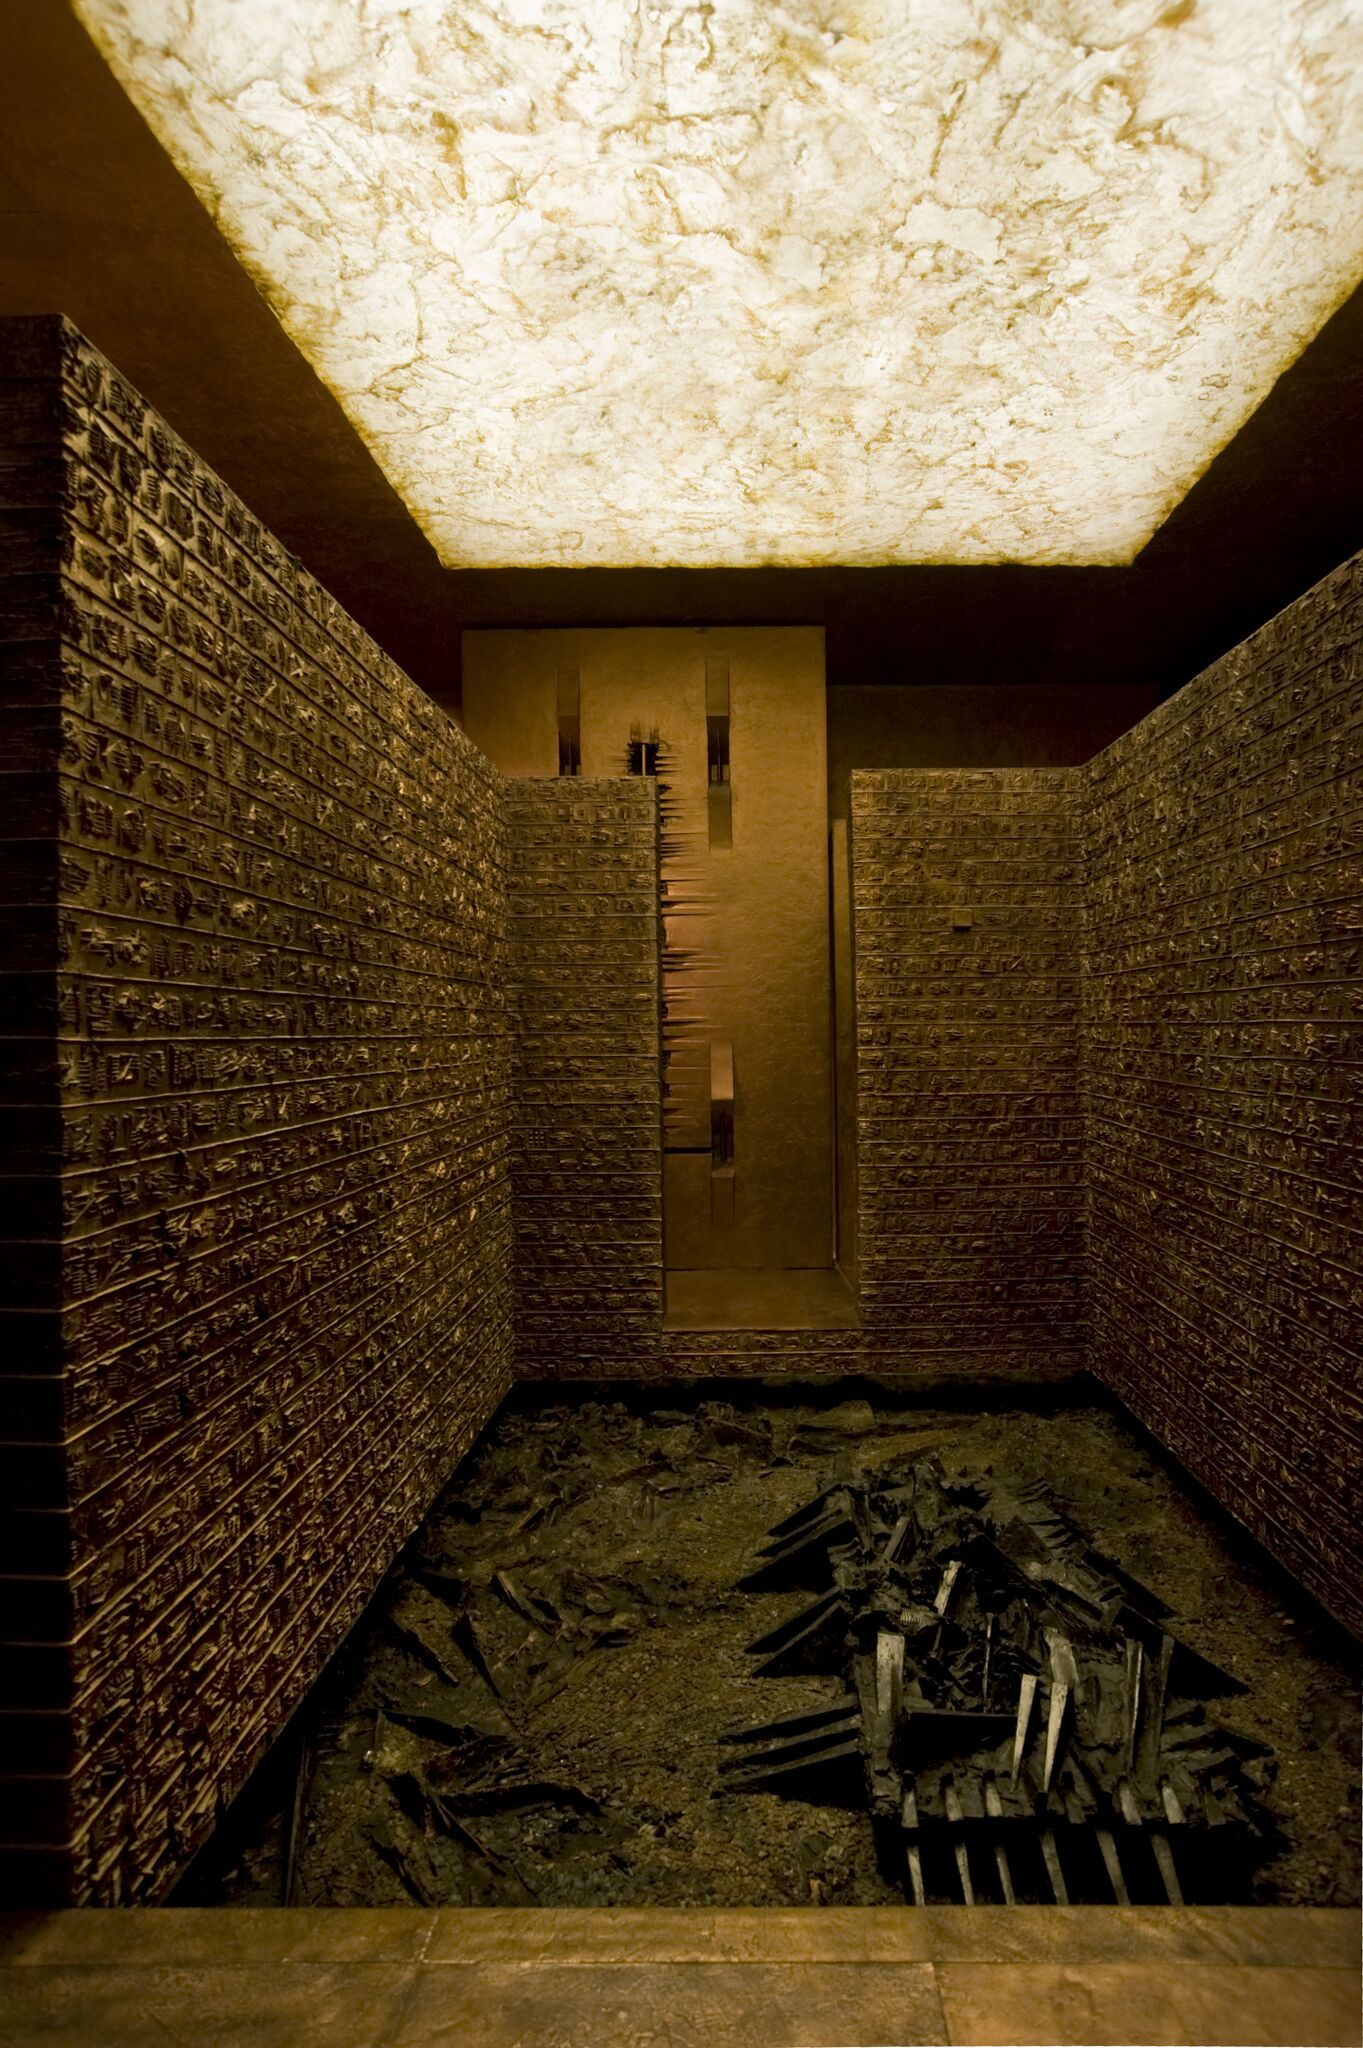 Il Labirinto di Arnaldo Pomodoro. L'esplorazione nelle viscere dell'artista con il digital tour